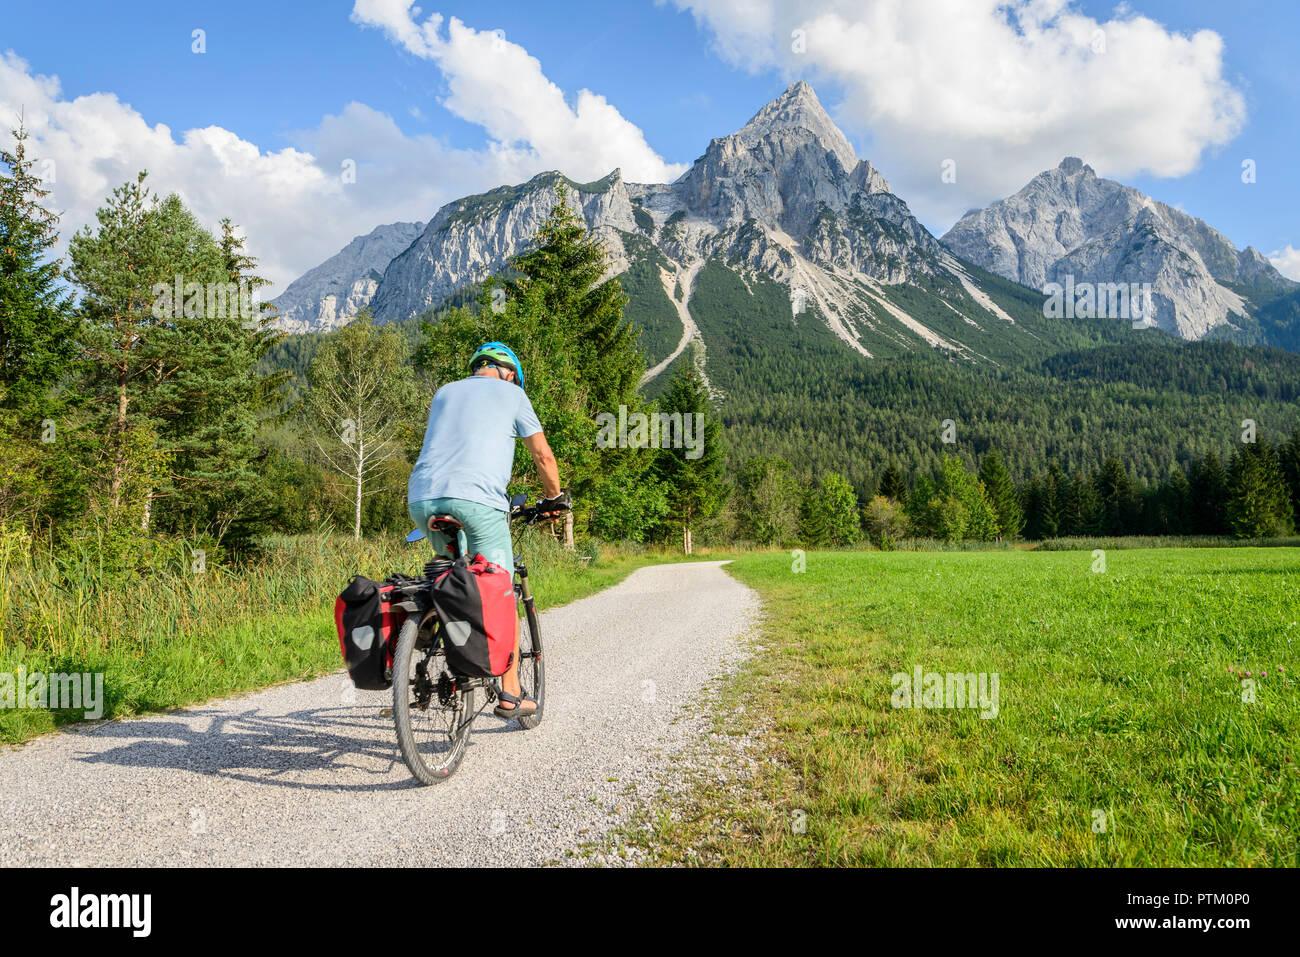 Ciclista con bicicleta de montaña, en el ciclo ruta vía Claudia Augusta, Alpine crossing, en la parte posterior Sonnenspitze, paisaje de montaña Imagen De Stock